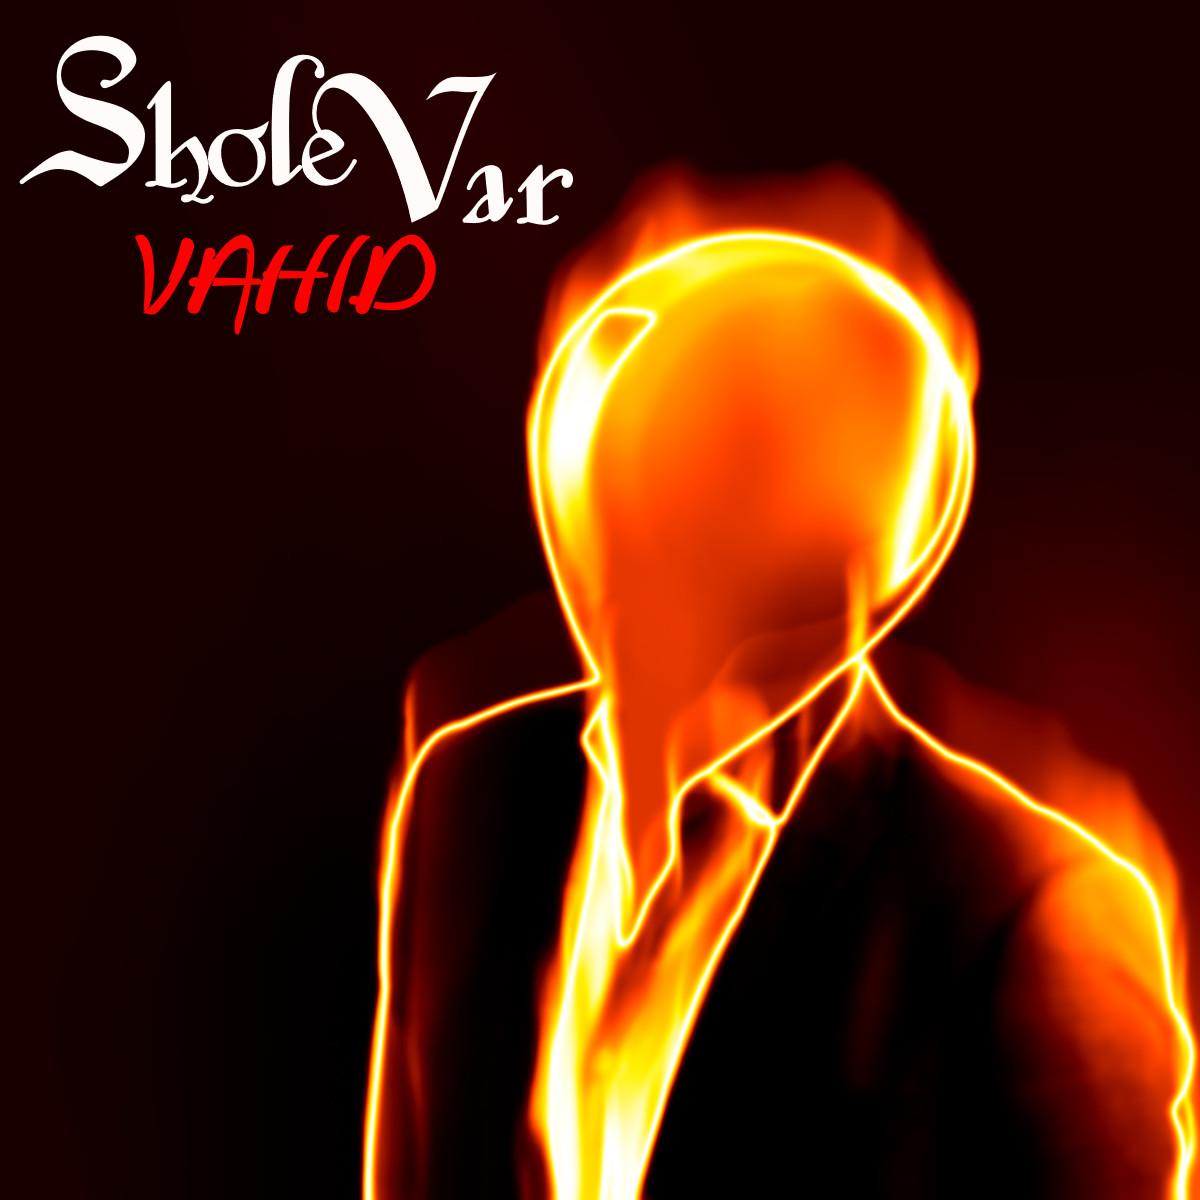 Vahid - SholeVar